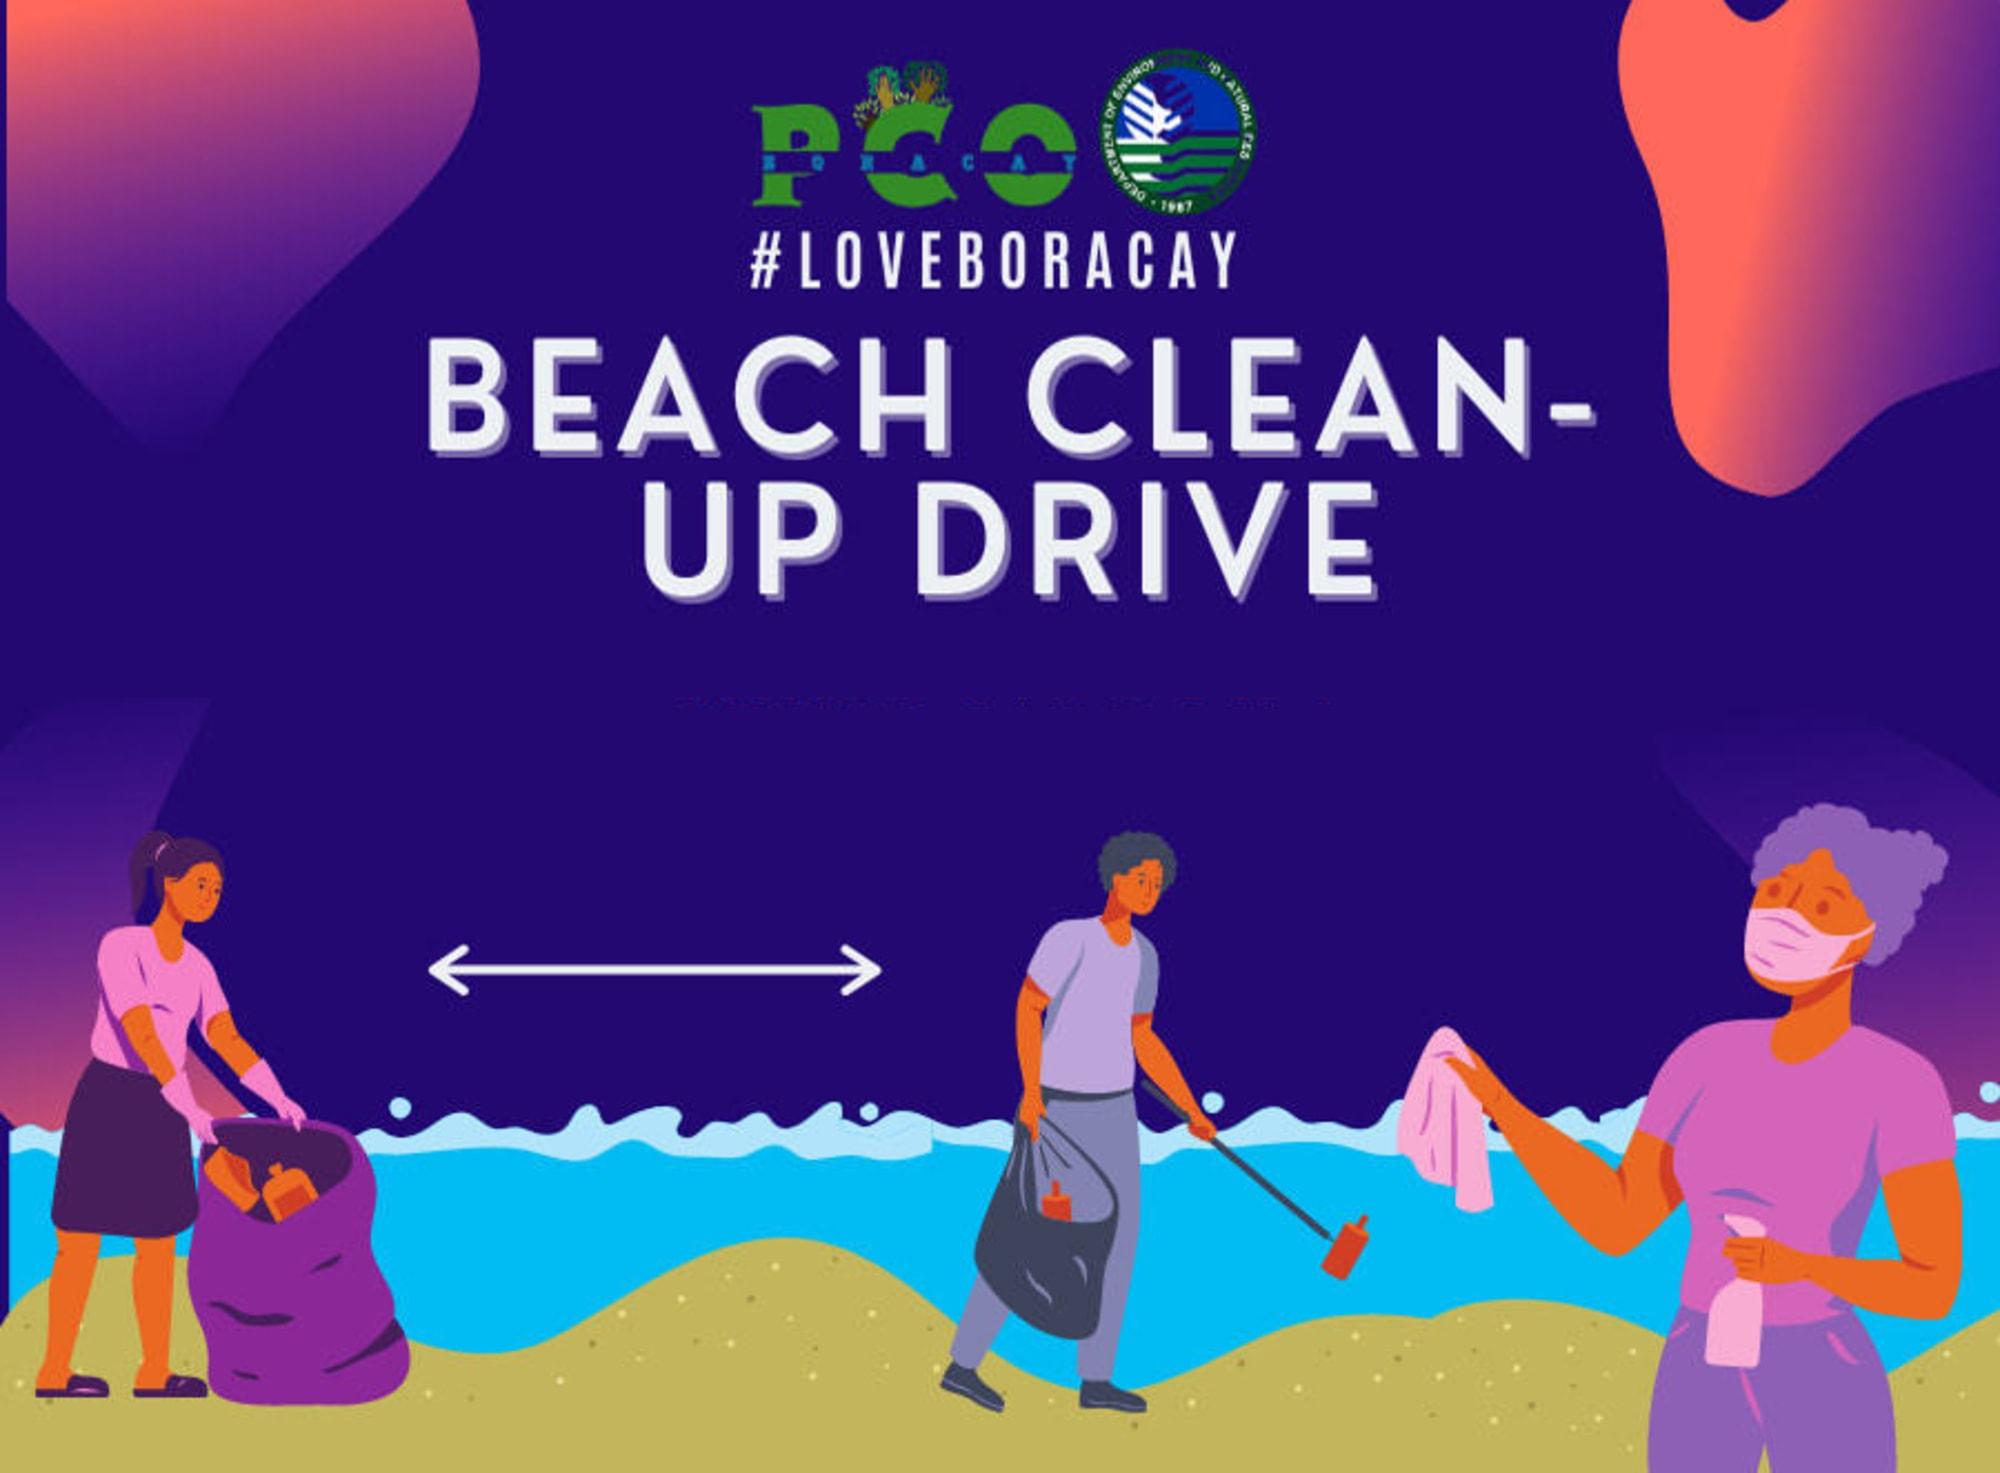 #LoveBoracay Beach Clean-up Drive